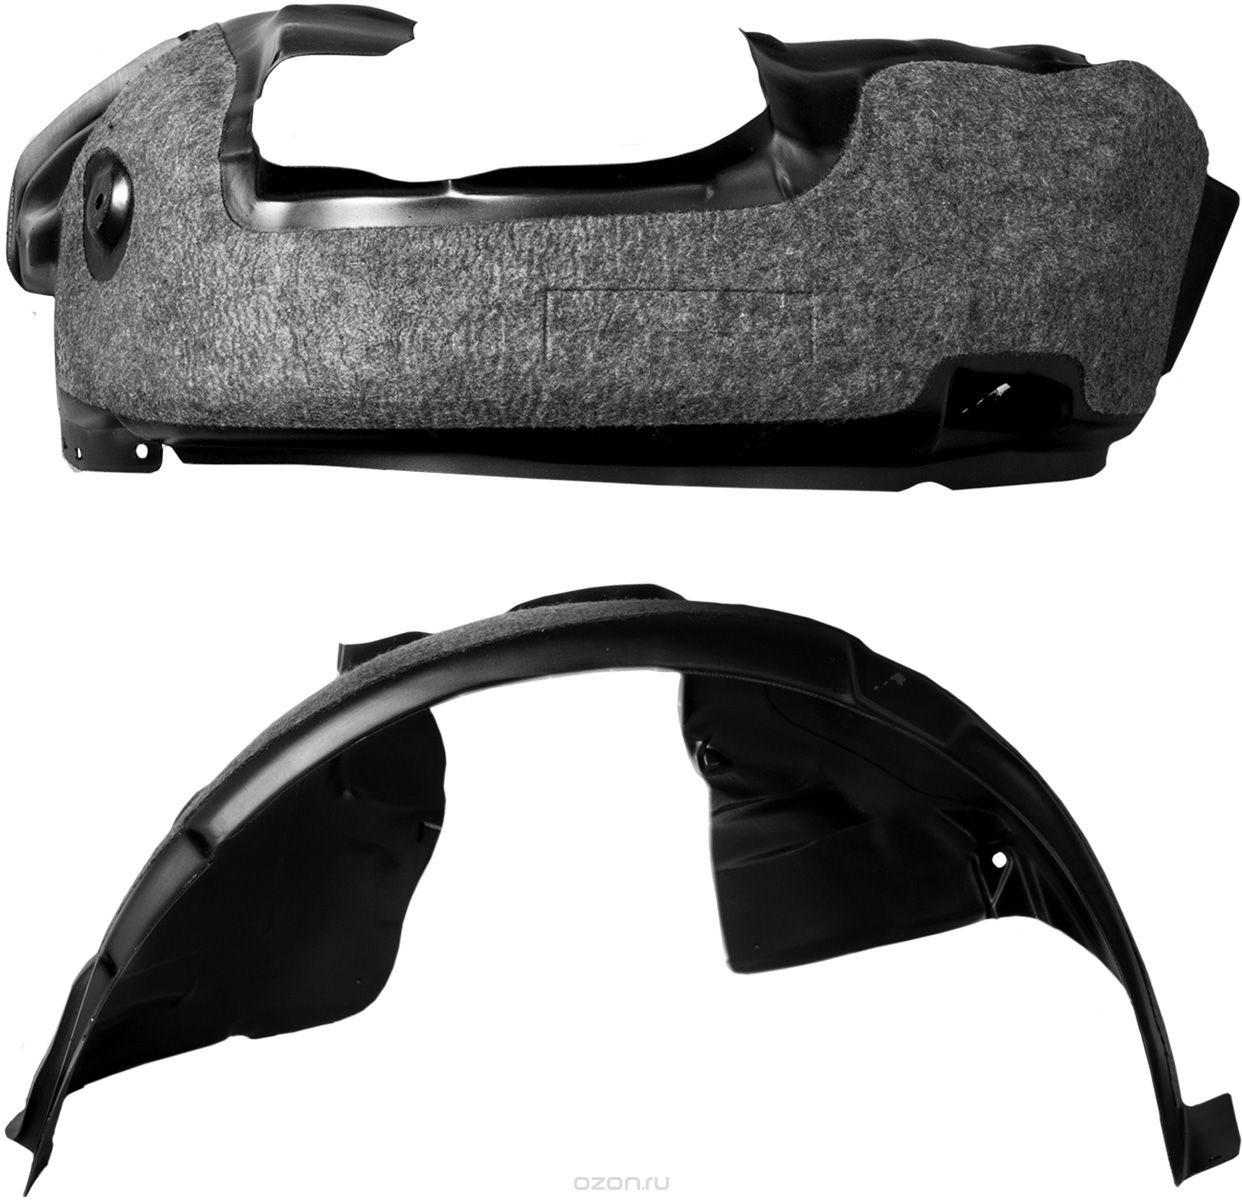 Подкрылок Novline-Autofamily, с шумоизоляцией, для RAVON Gentra, 2013->, седан, передний левый000414Идеальная защита колесной ниши. Локеры разработаны с применением цифровых технологий, гарантируют максимальную повторяемость поверхности арки. Изделия устанавливаются без нарушения лакокрасочного покрытия автомобиля, каждый подкрылок комплектуется крепежом. Уважаемые клиенты, обращаем ваше внимание, что фотографии на подкрылки универсальные и не отражают реальную форму изделия. При этом само изделие идет точно под размер указанного автомобиля.